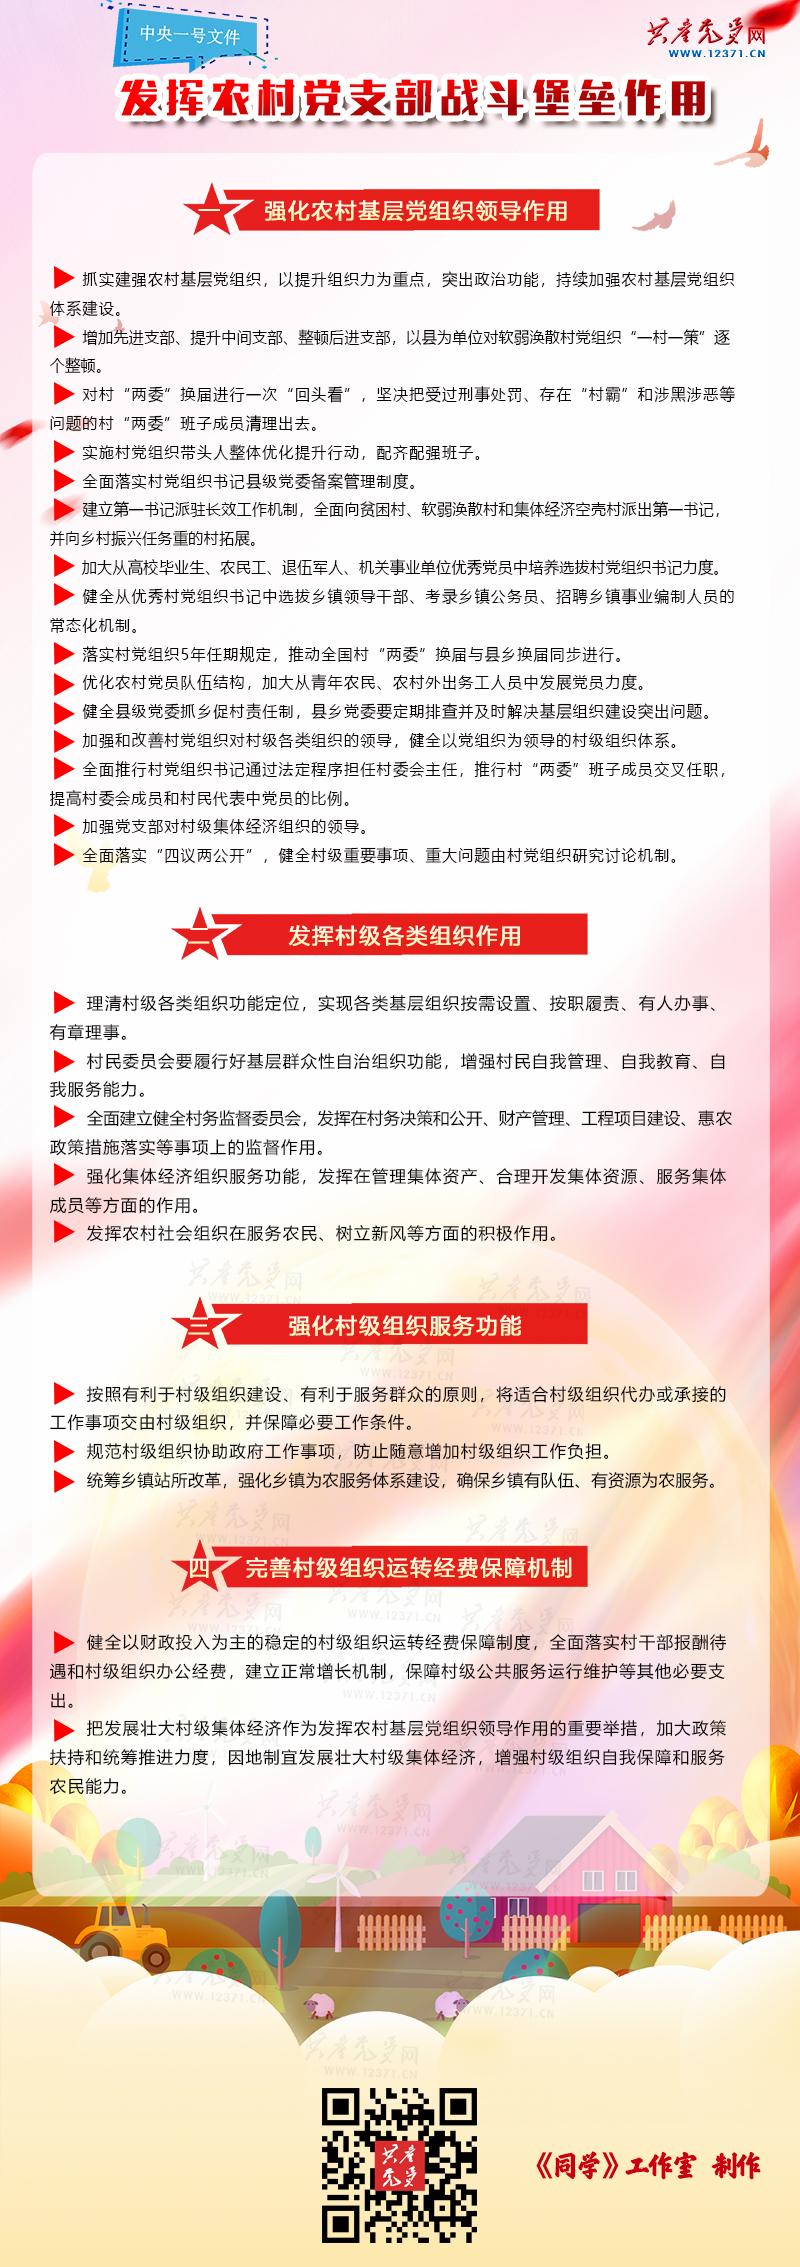 【图解】中央一号文件:发挥农村党支部战斗堡垒作用